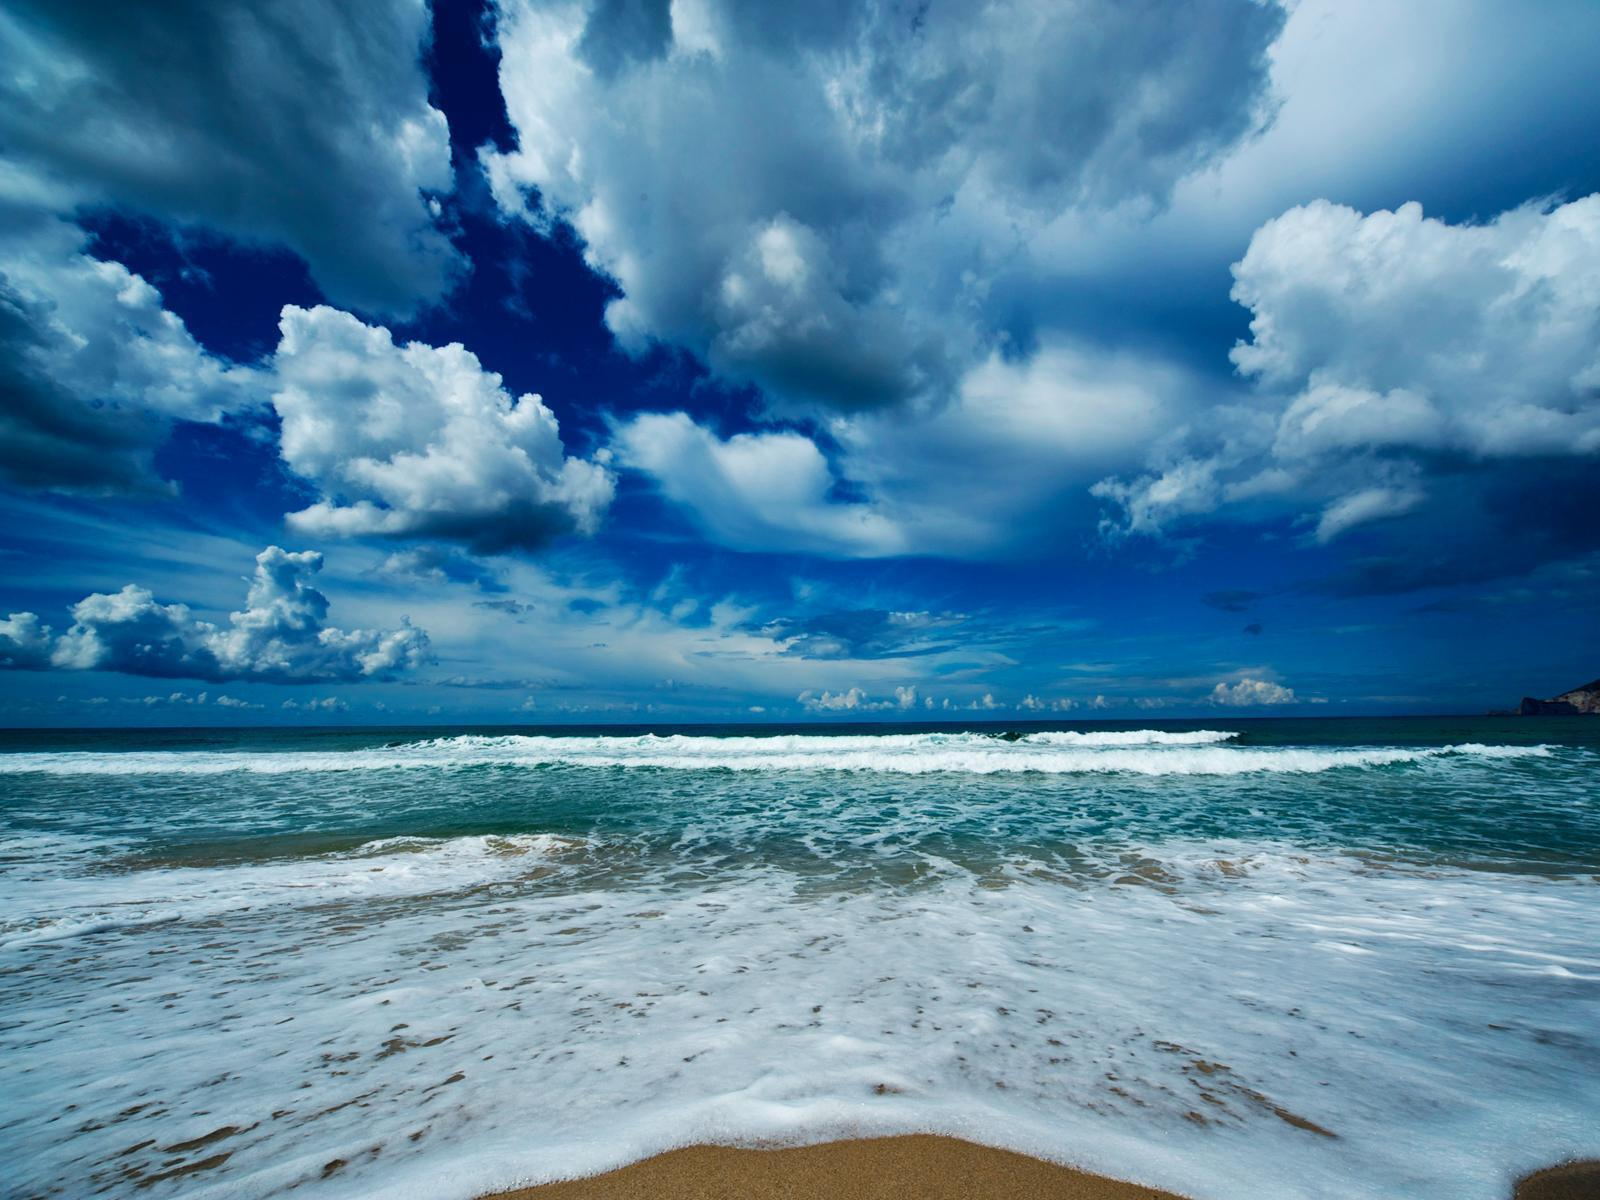 Beach Waves Wallpapers For Desktop Beach Waves: Surf Beach Wallpapers